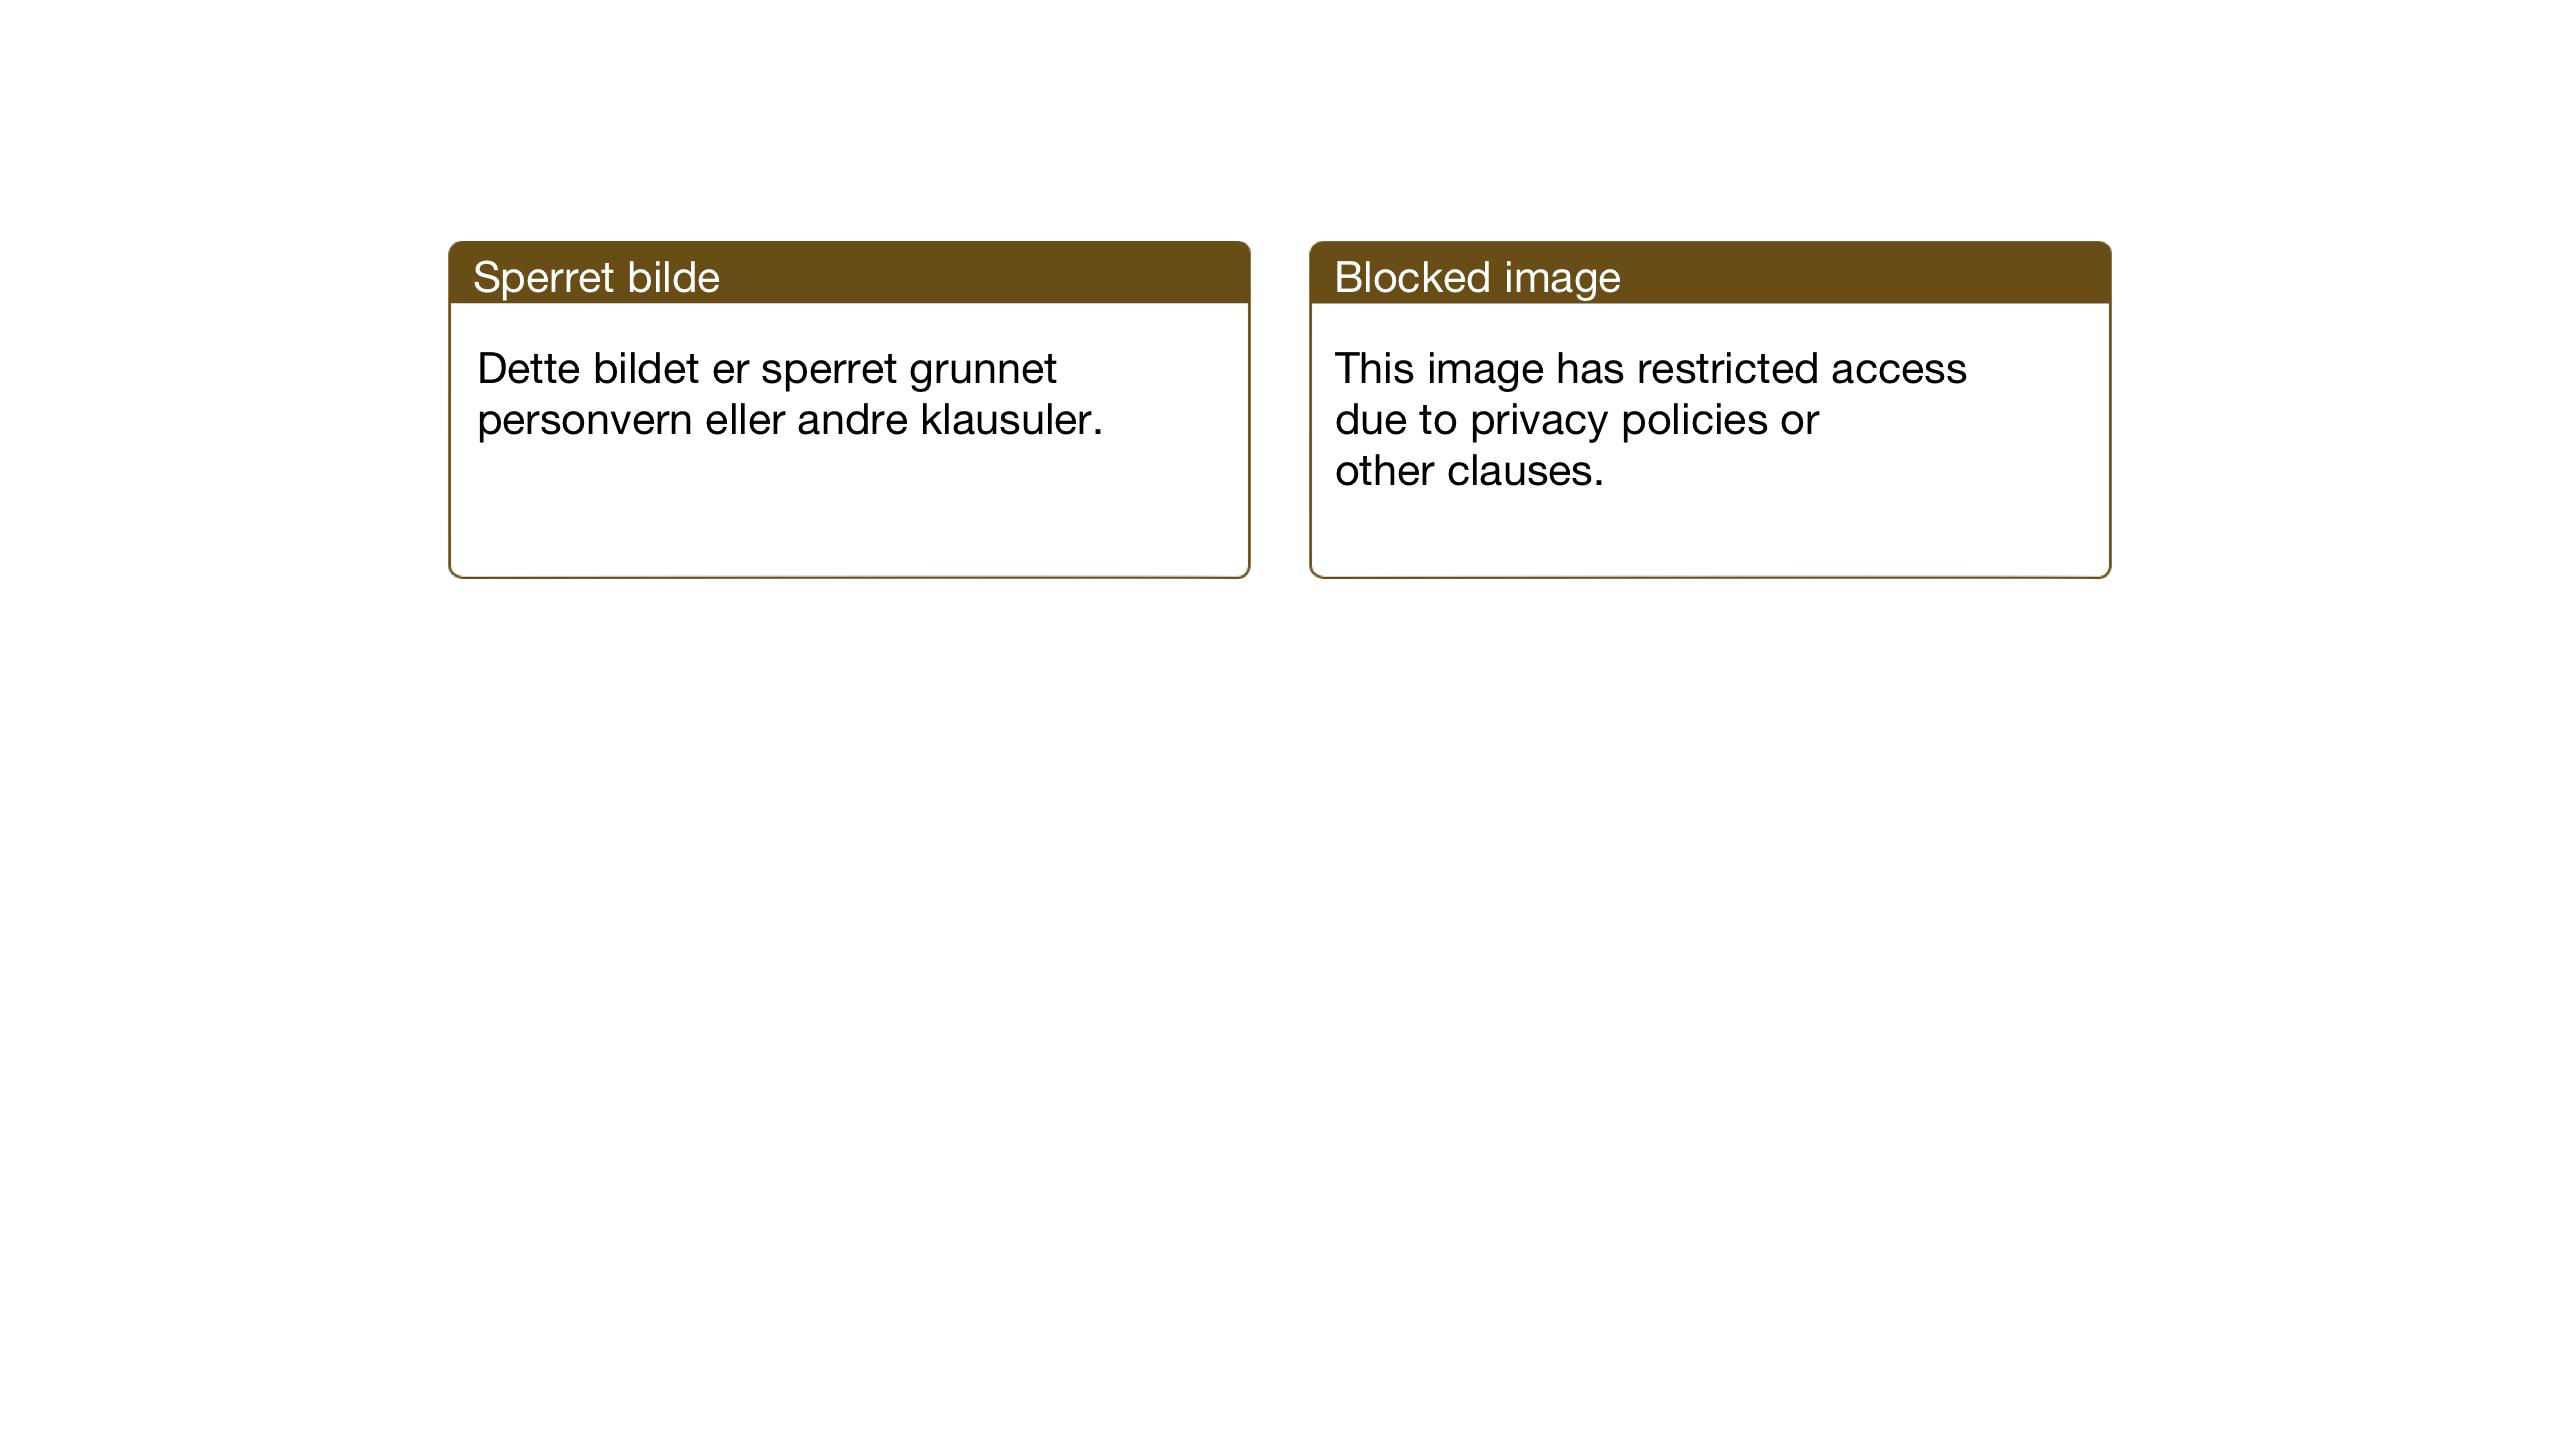 SAT, Ministerialprotokoller, klokkerbøker og fødselsregistre - Sør-Trøndelag, 692/L1114: Klokkerbok nr. 692C09, 1928-1935, s. 47